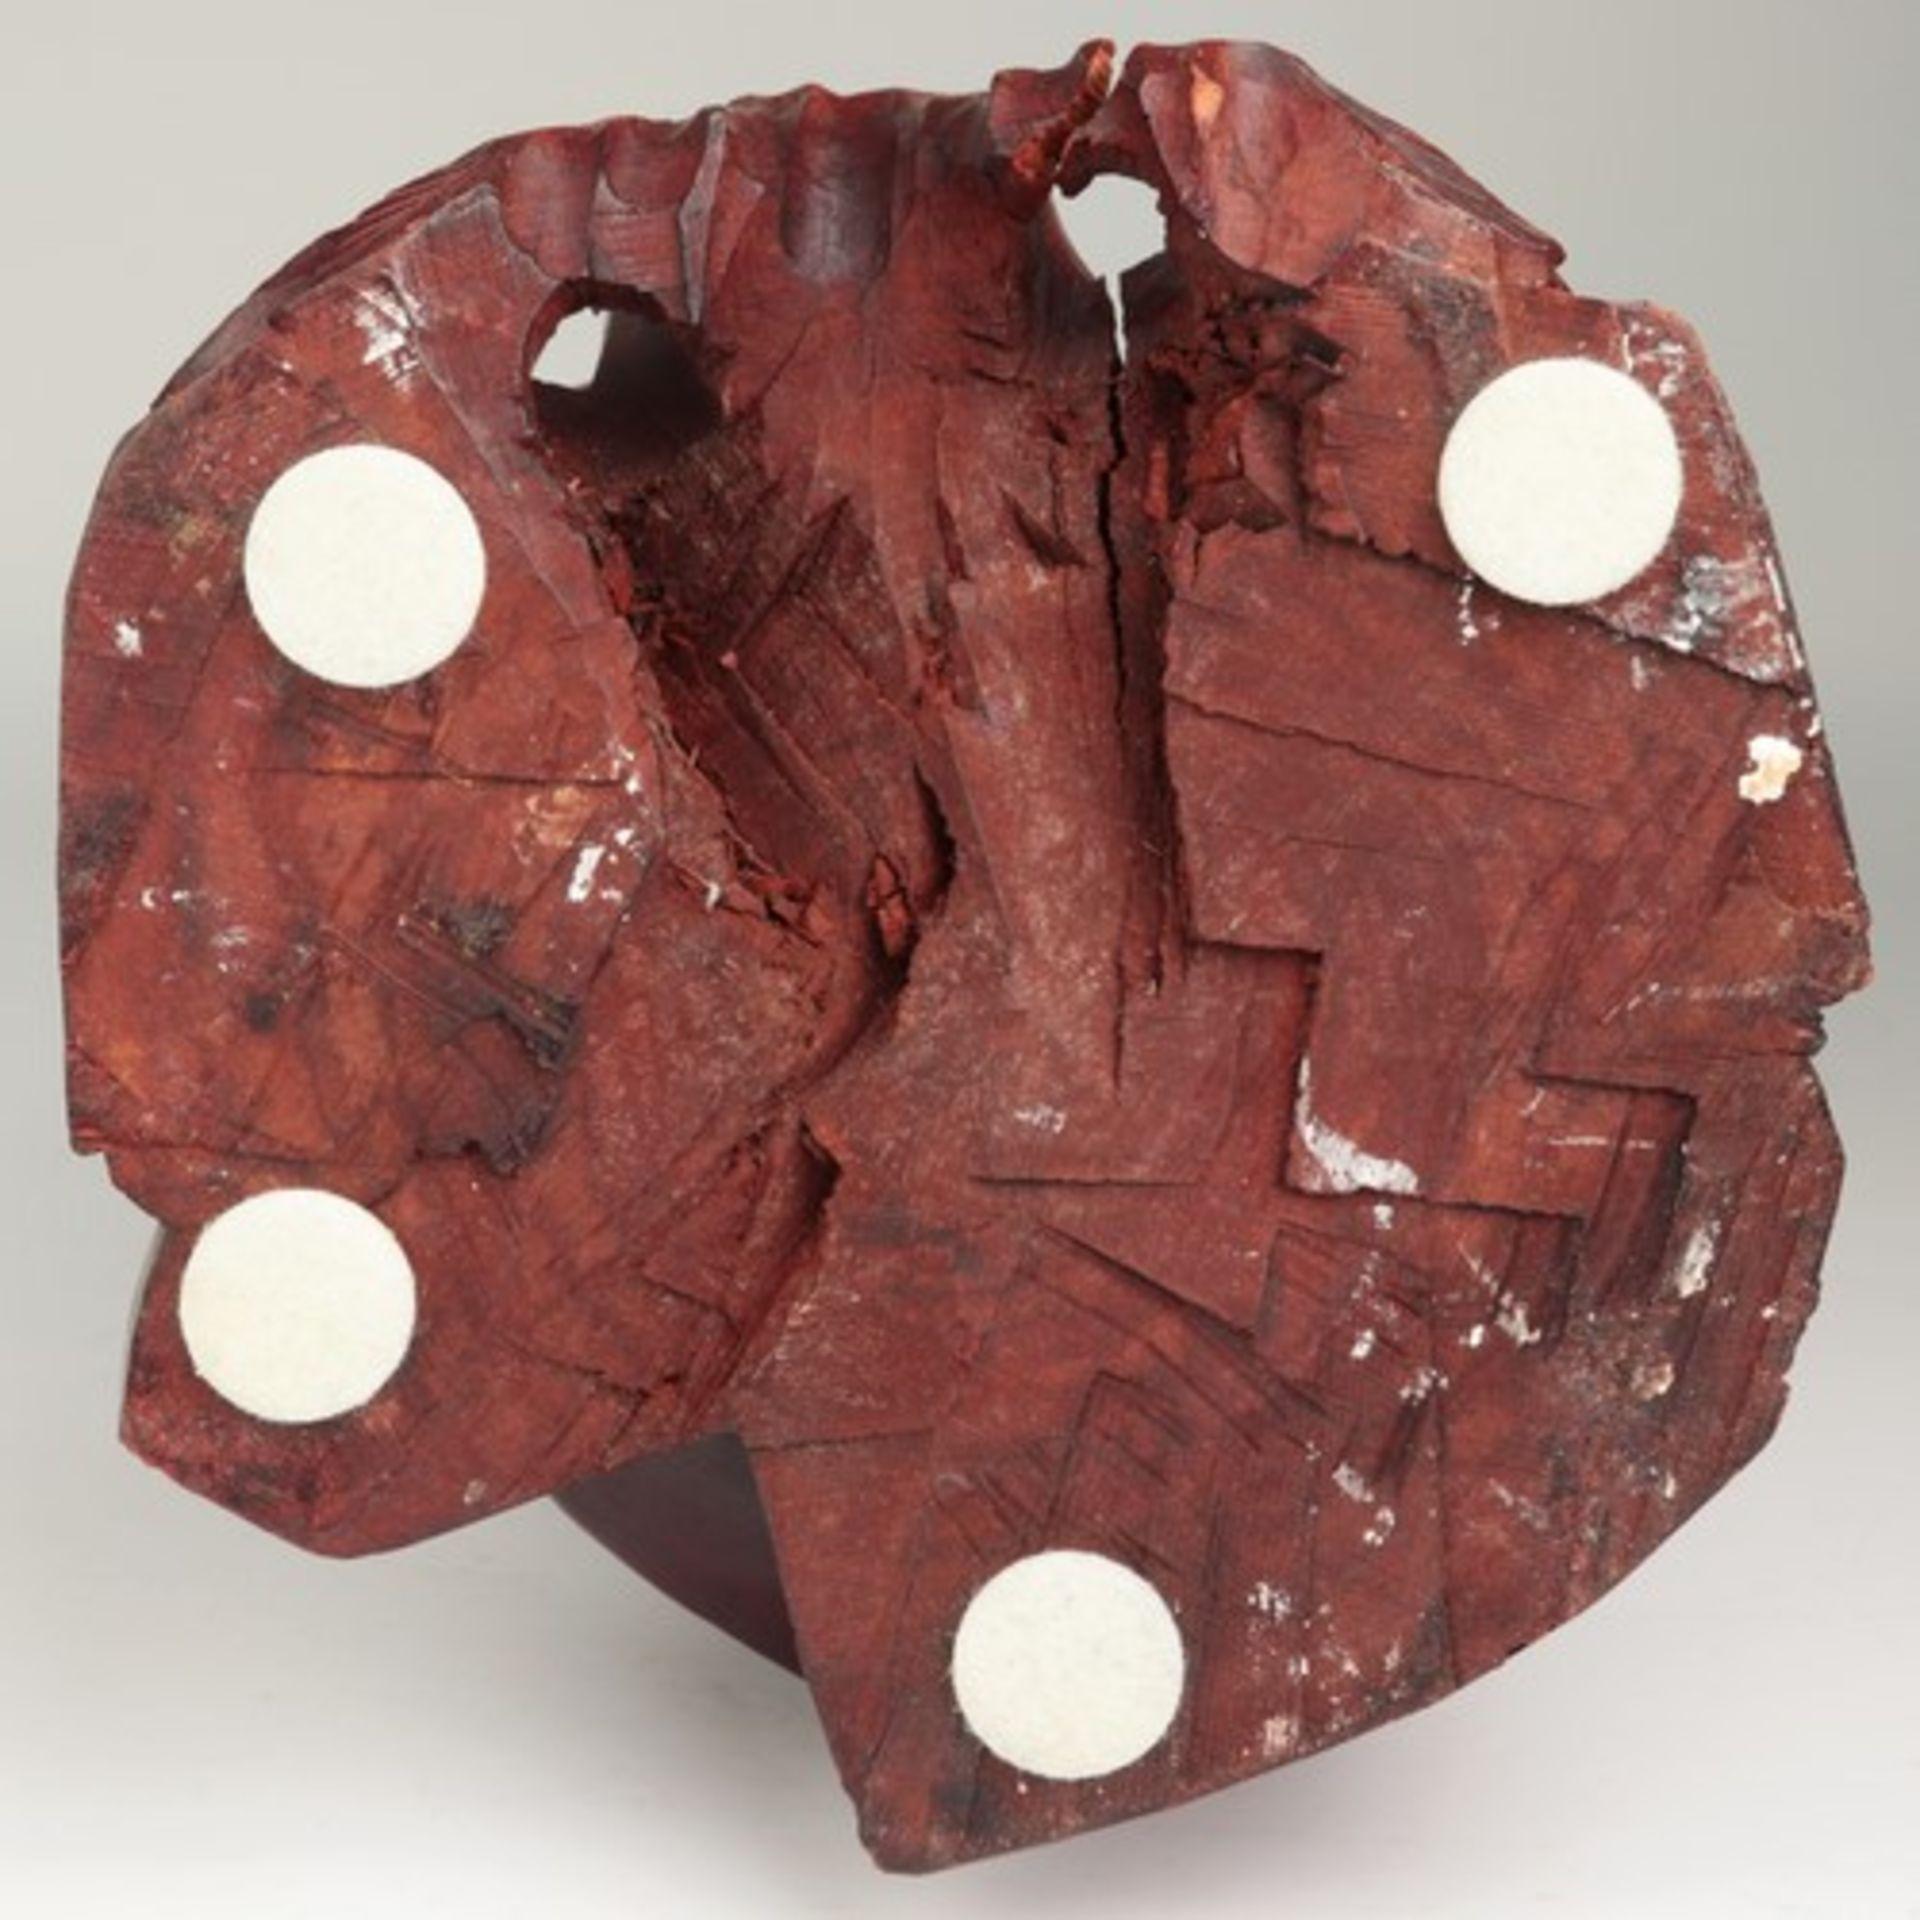 Holzfigur - China20.Jh., vollplastische Holzschnitzerei, Hartholz, Glasaugen, Fischer m. zwei - Bild 7 aus 8